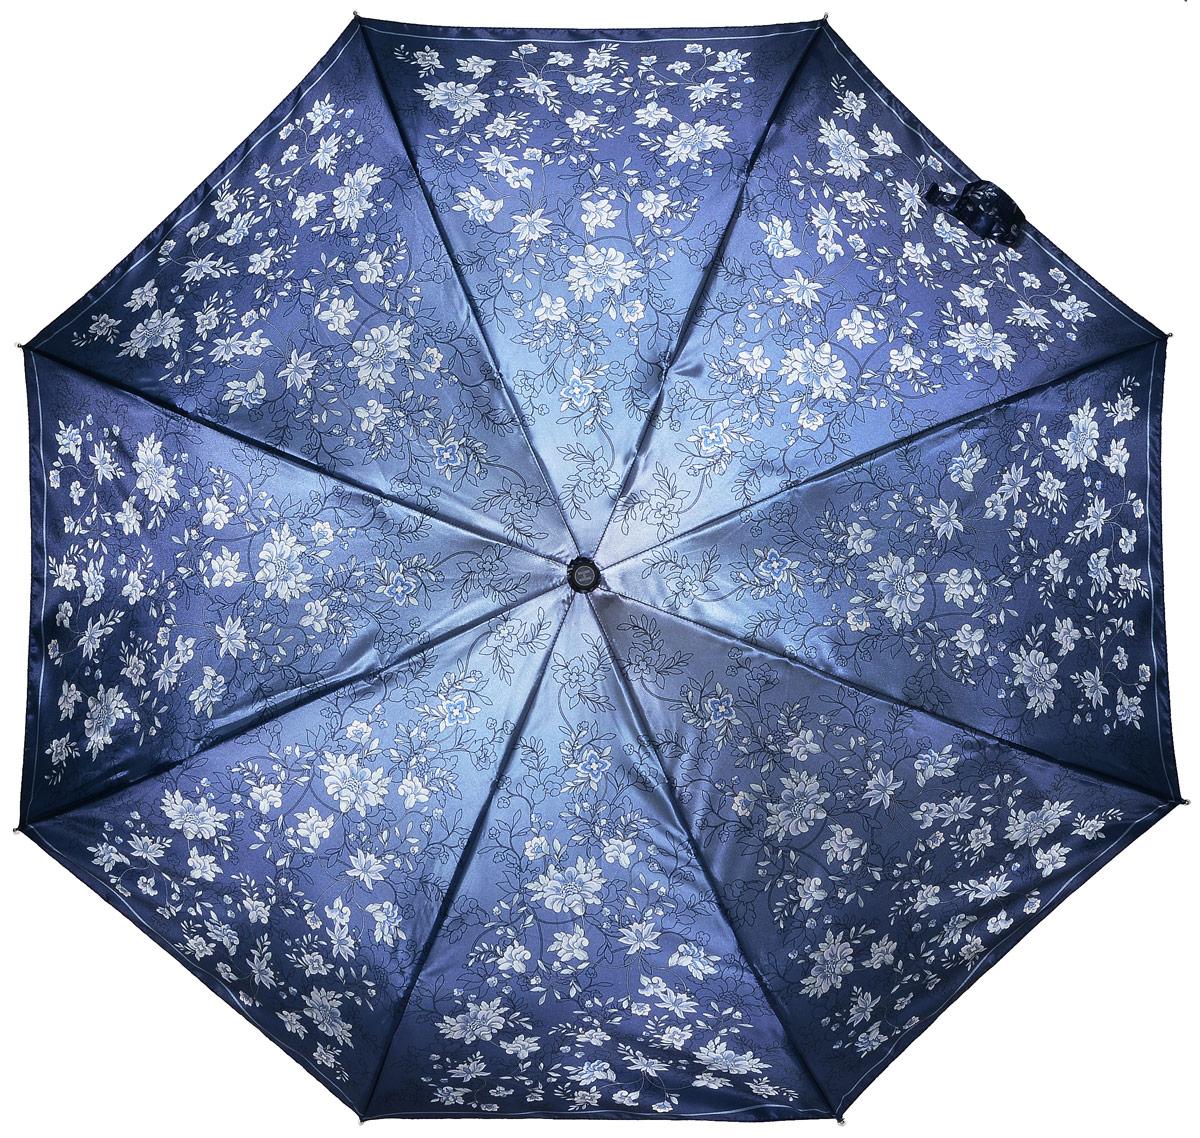 Зонт женский Henry Backer, 3 сложения, цвет: синий. U23206 Night flowersU23206 Night flowersЭлегантный женский зонт «Цветы ночью» с сатиновым куполом, автомат У зонта комфортная для ладони рукоять из нескользящего материала с насечками под пальцы, чтобы зонт было удобно удерживать при порывах ветра.